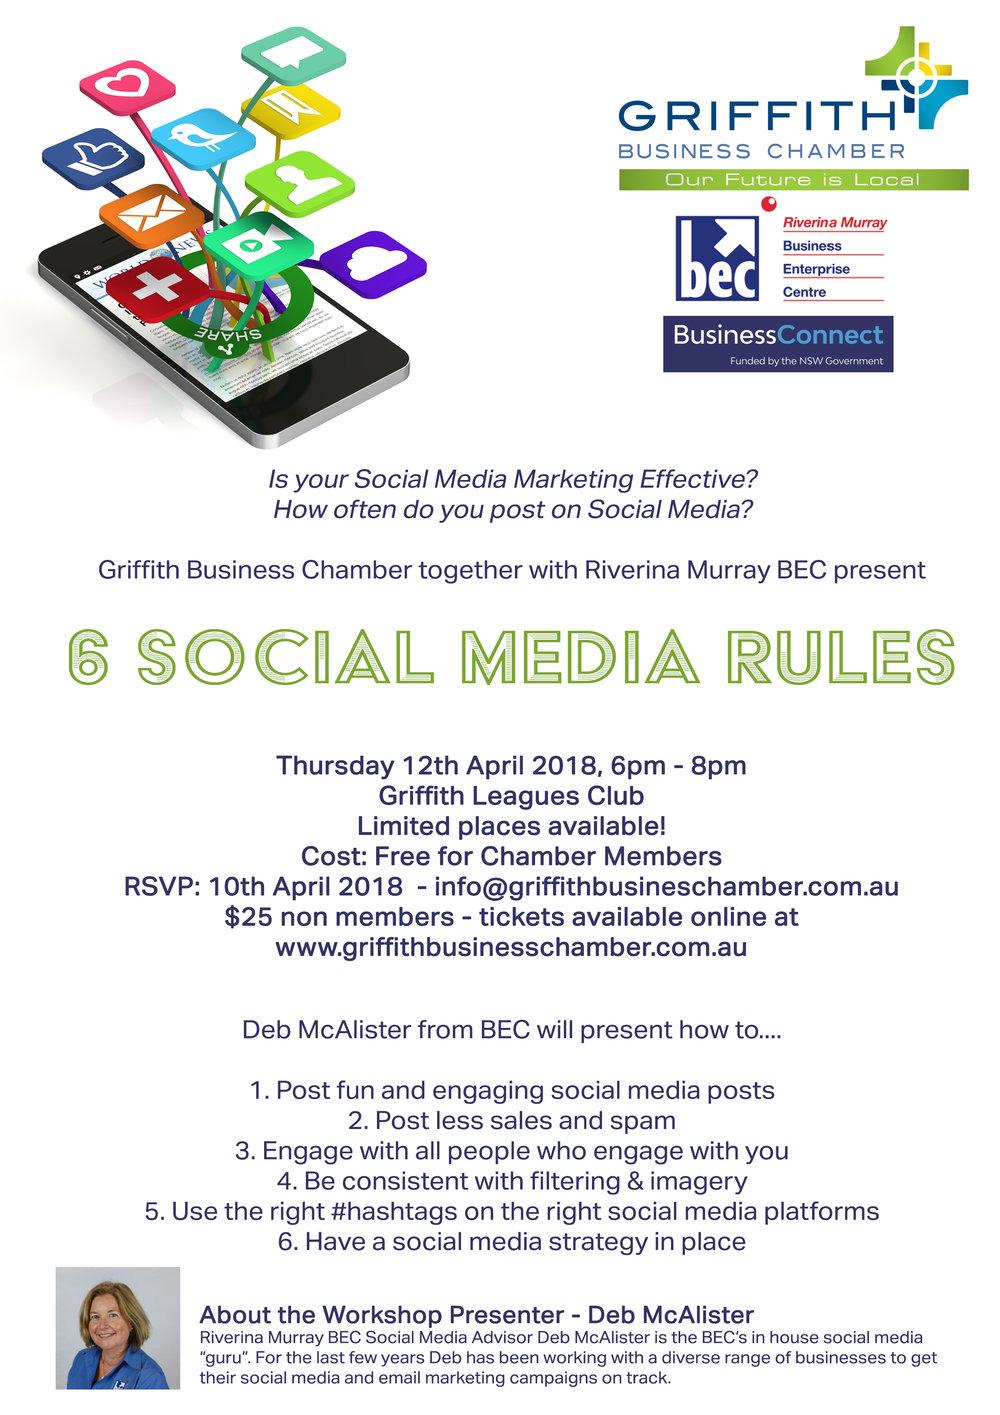 Social Media Presentation.jpg